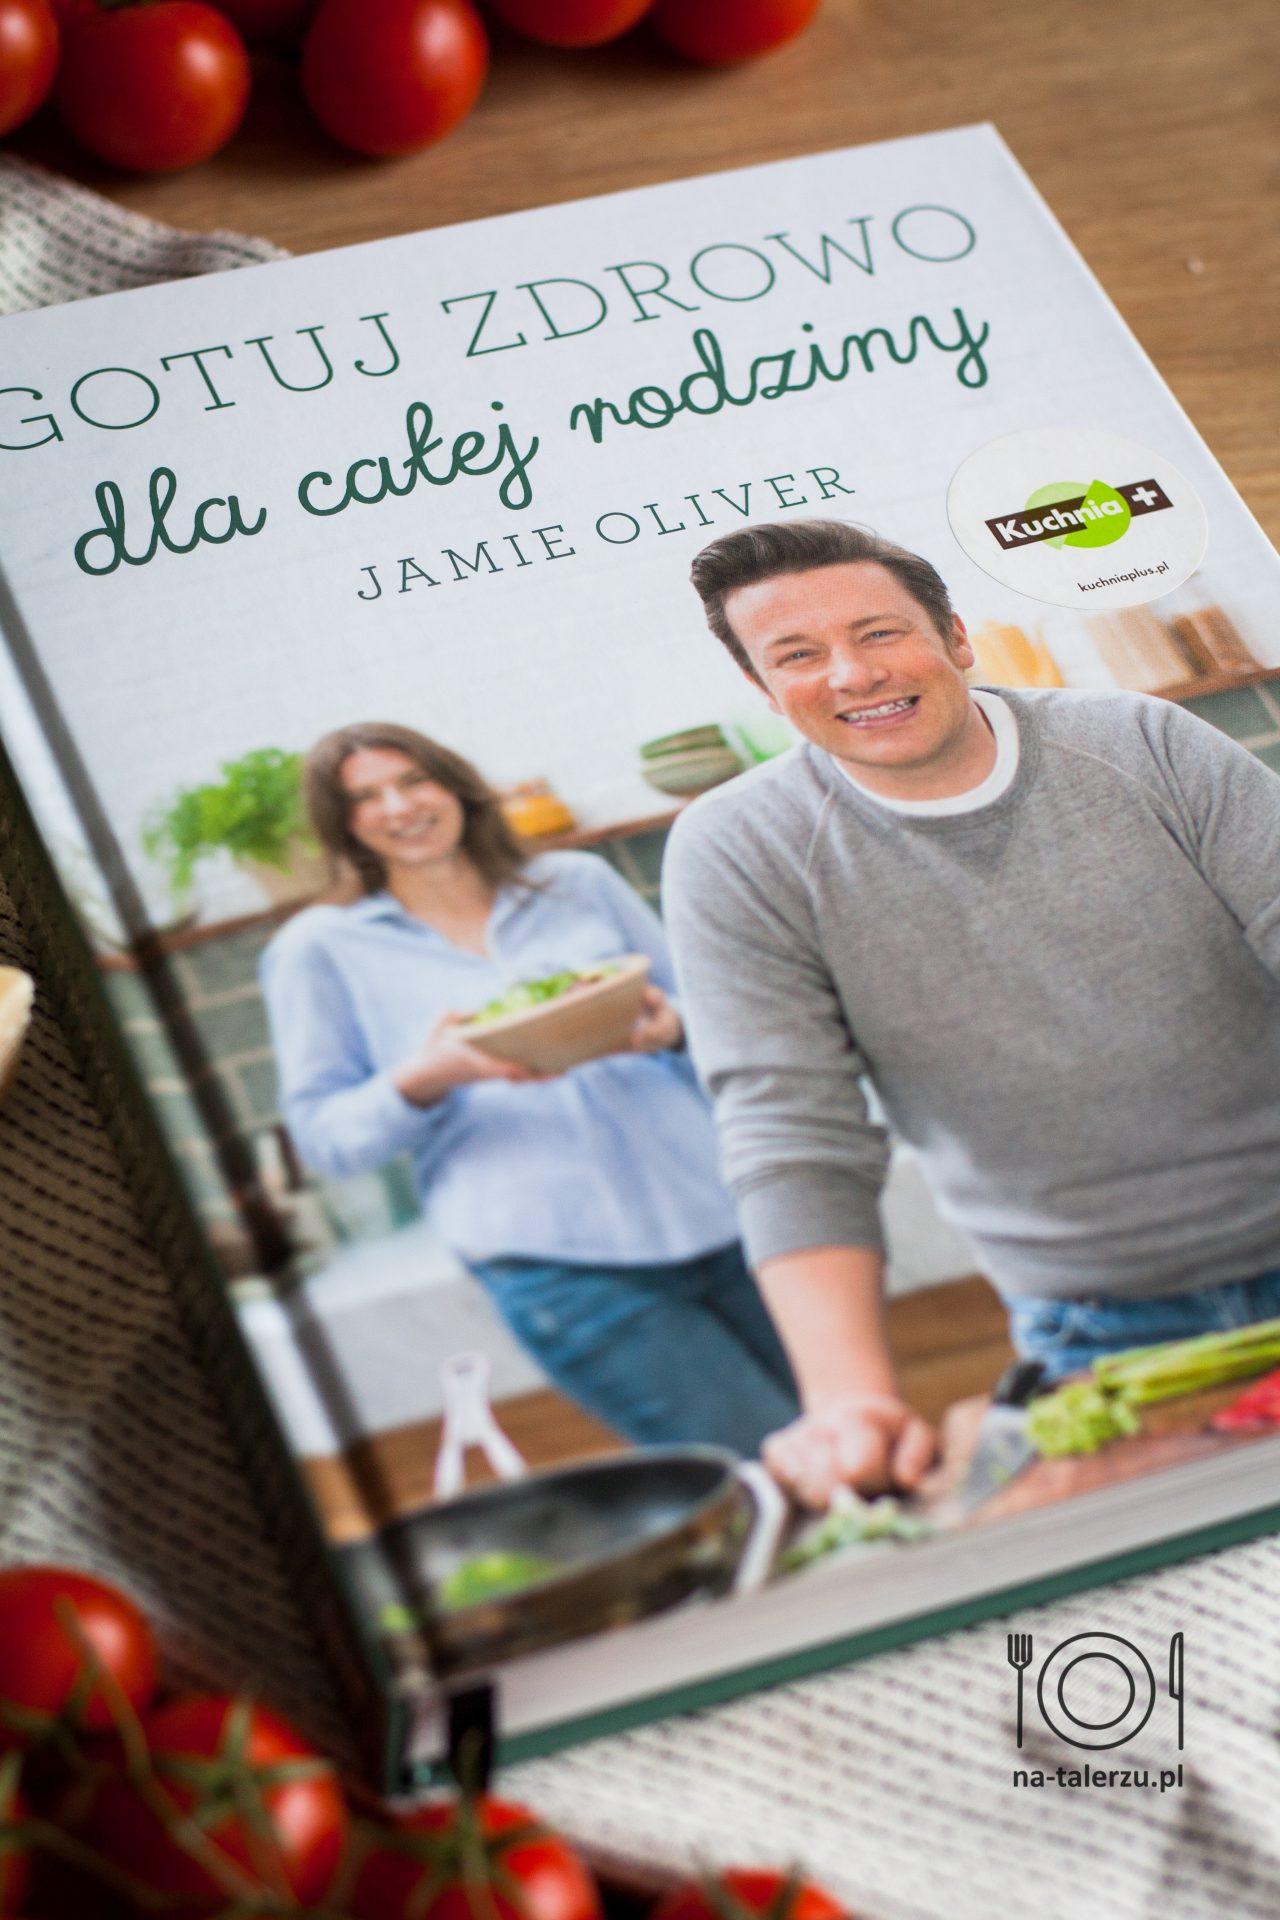 Jamie Oliver Gotuj zdrowo dla całej rodziny książka